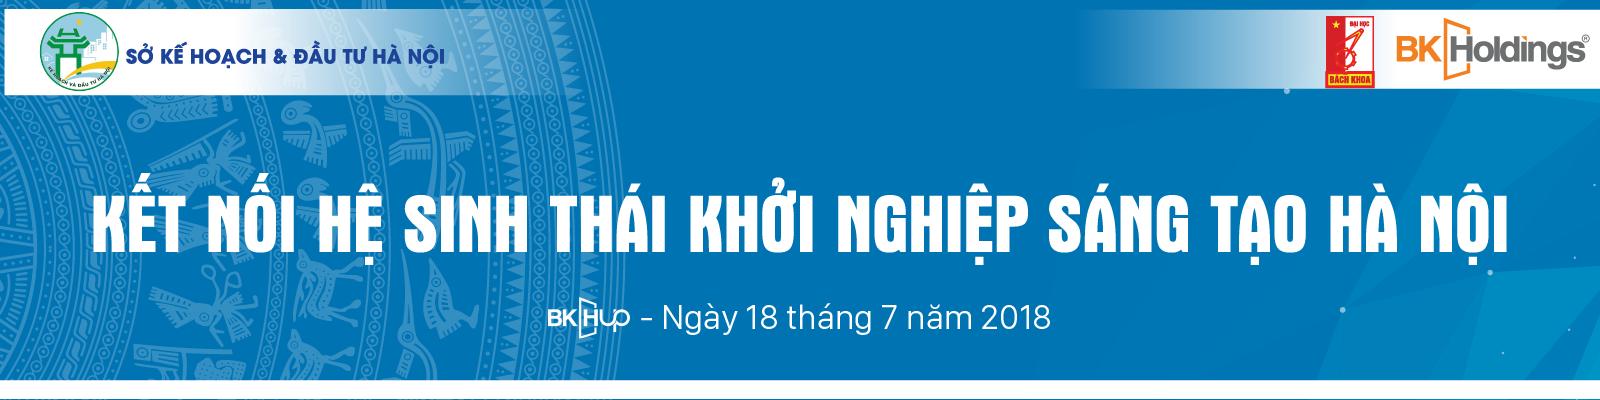 Hội thảo Kết nối hệ sinh thái khởi nghiệp sáng tạo Hà Nội